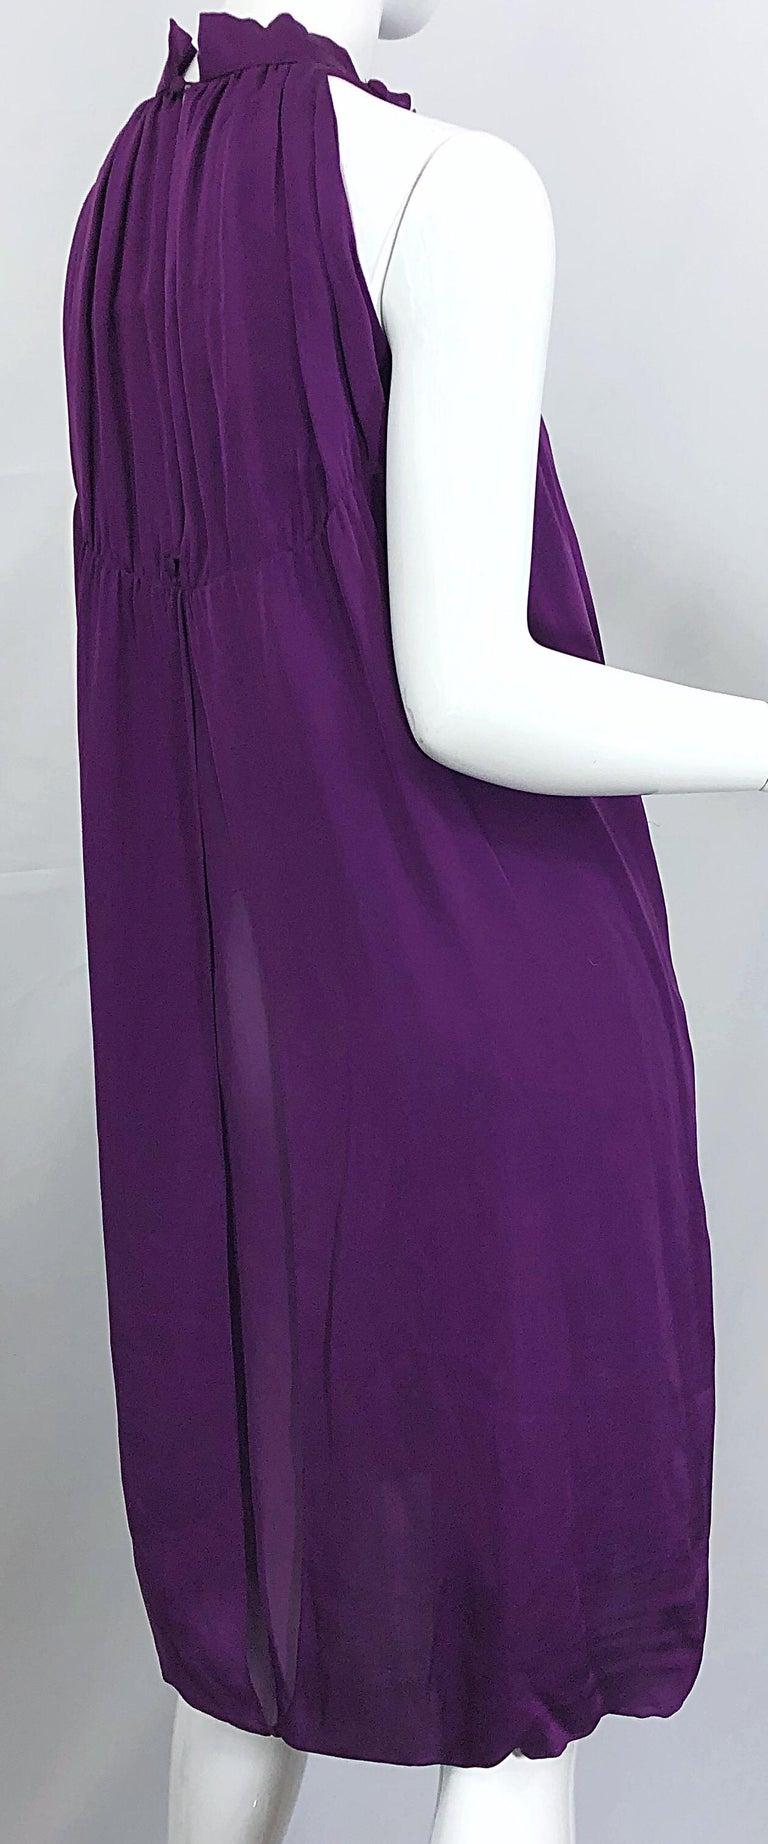 Yves Saint Laurent A / W 2007 Purple Silk Size 40 / US 8 YSL Rive Gauche Dress For Sale 3